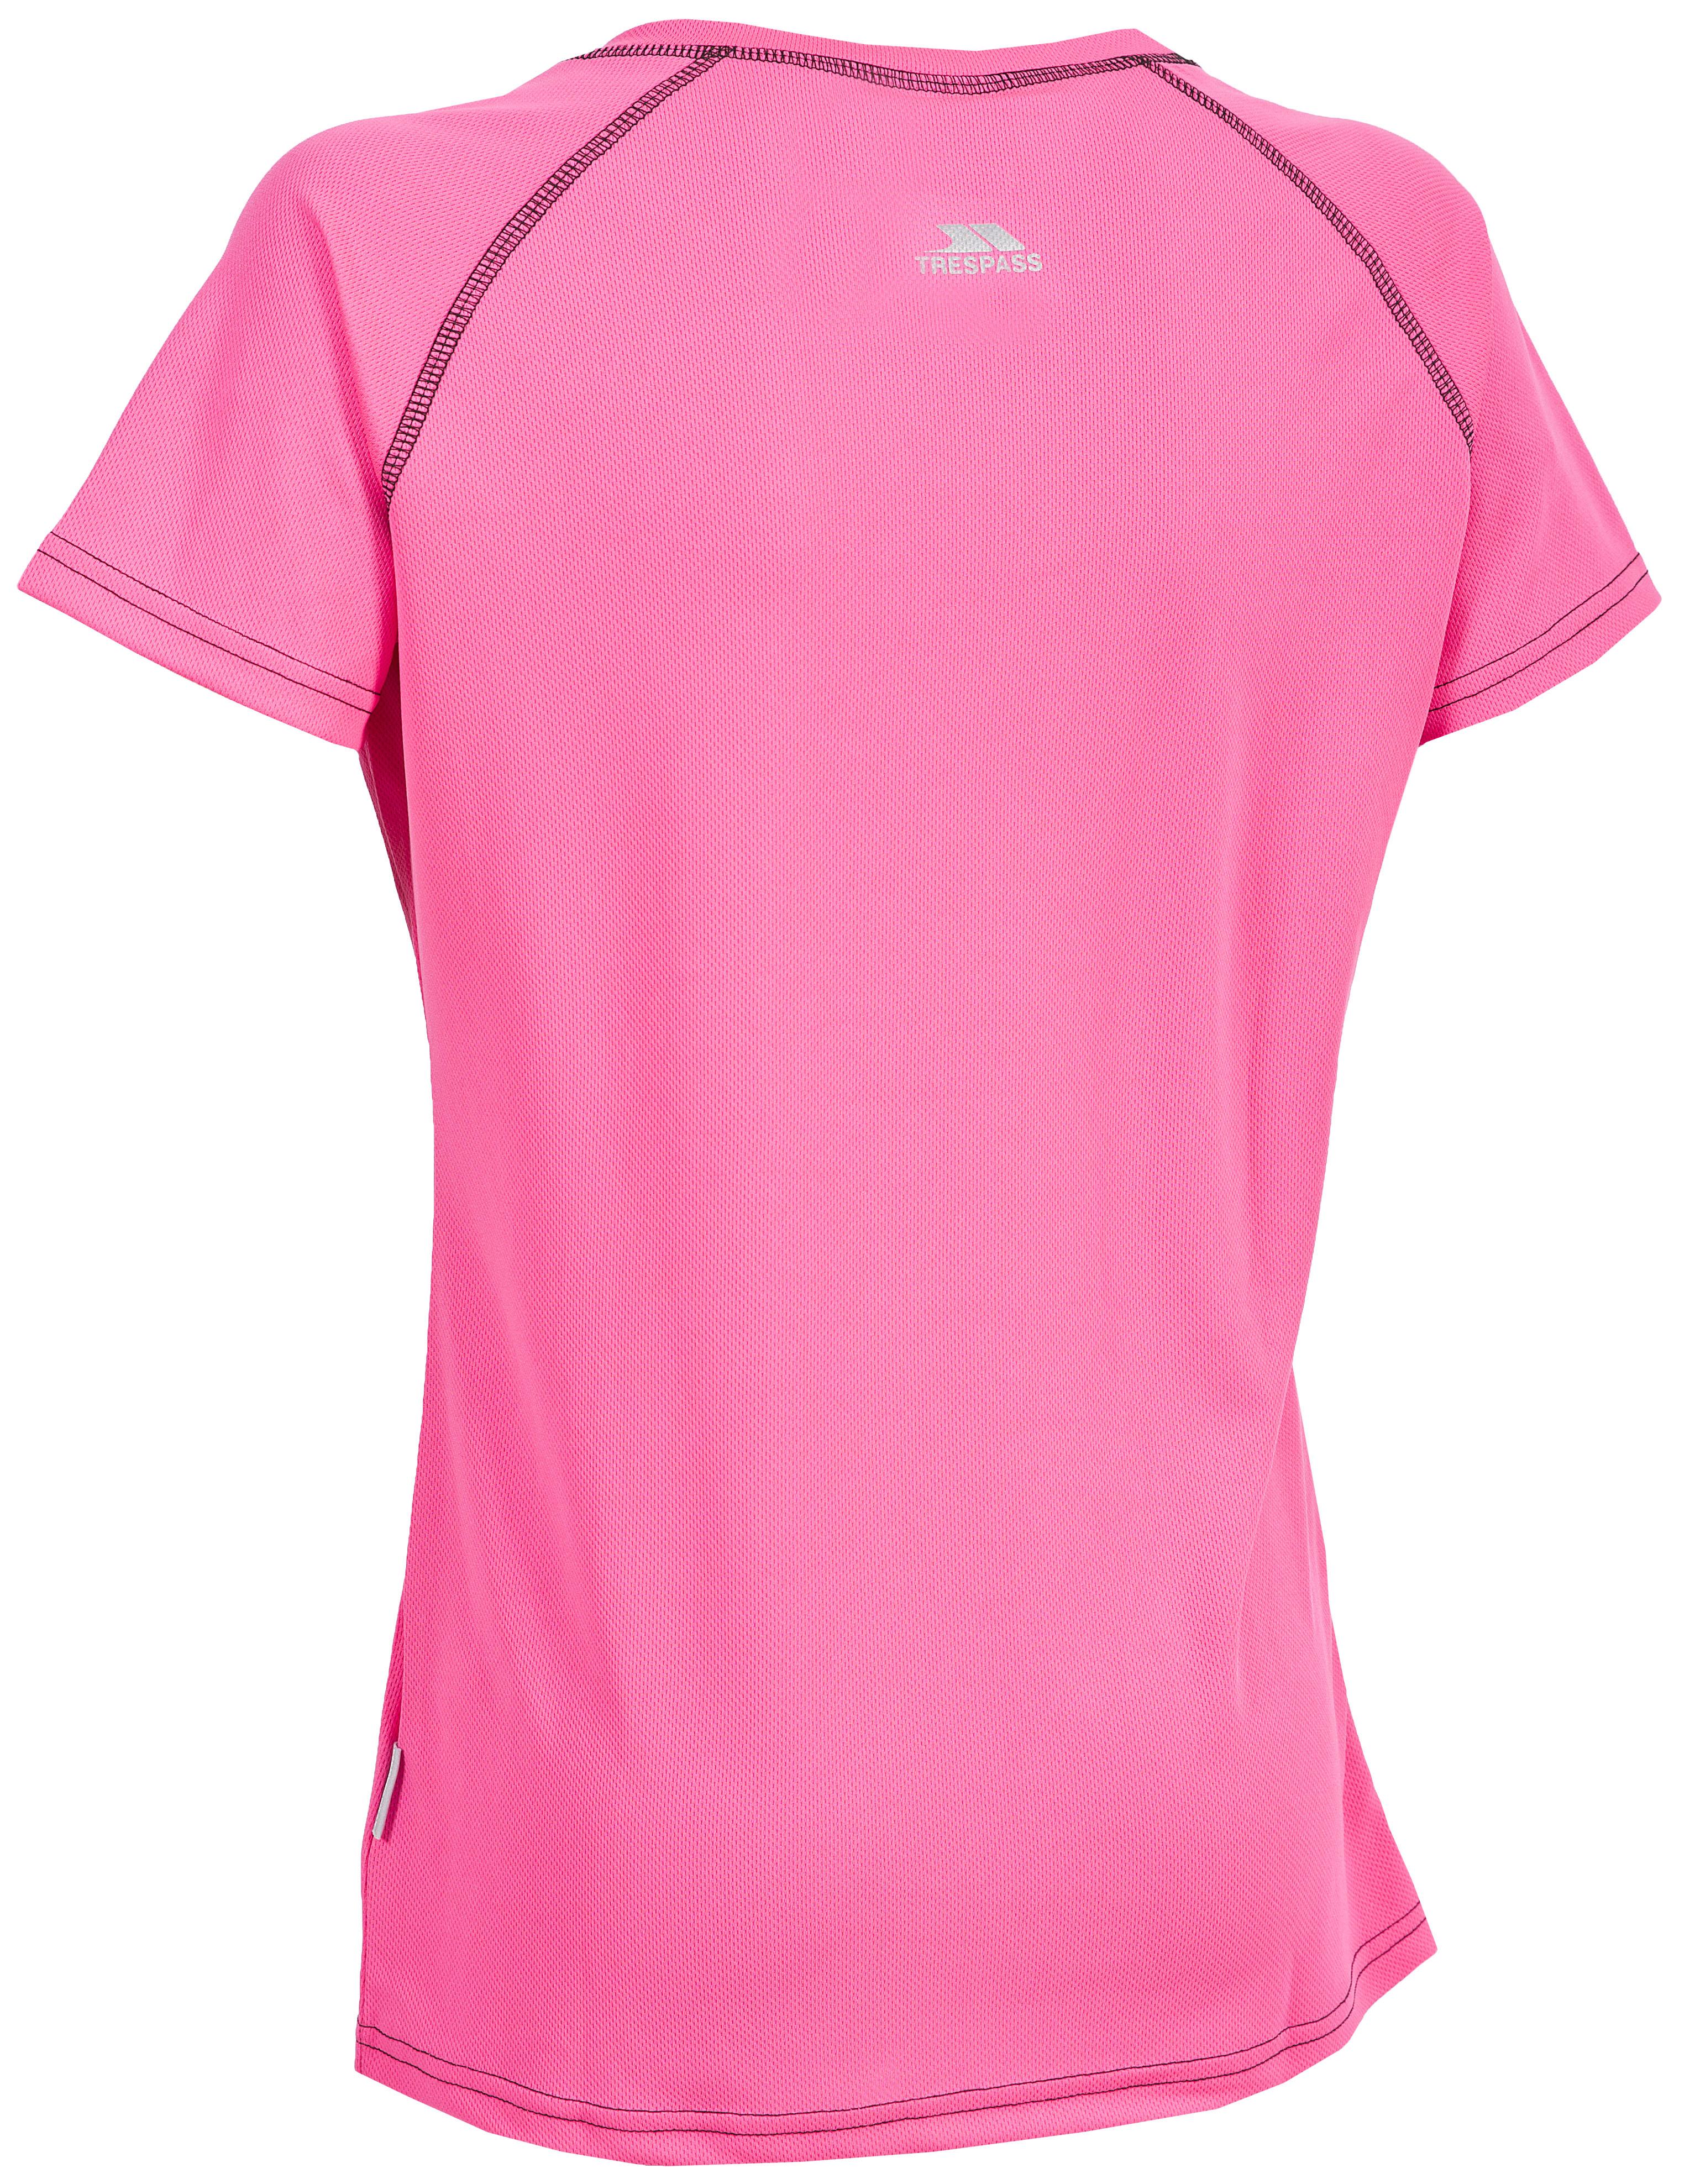 Великолепная легкая, быстросохнущая футболка для занятия спортом от Trespass Mamo выполнена из полиэстера. Модель с круглым вырезом горловины и короткими рукавами реглан.